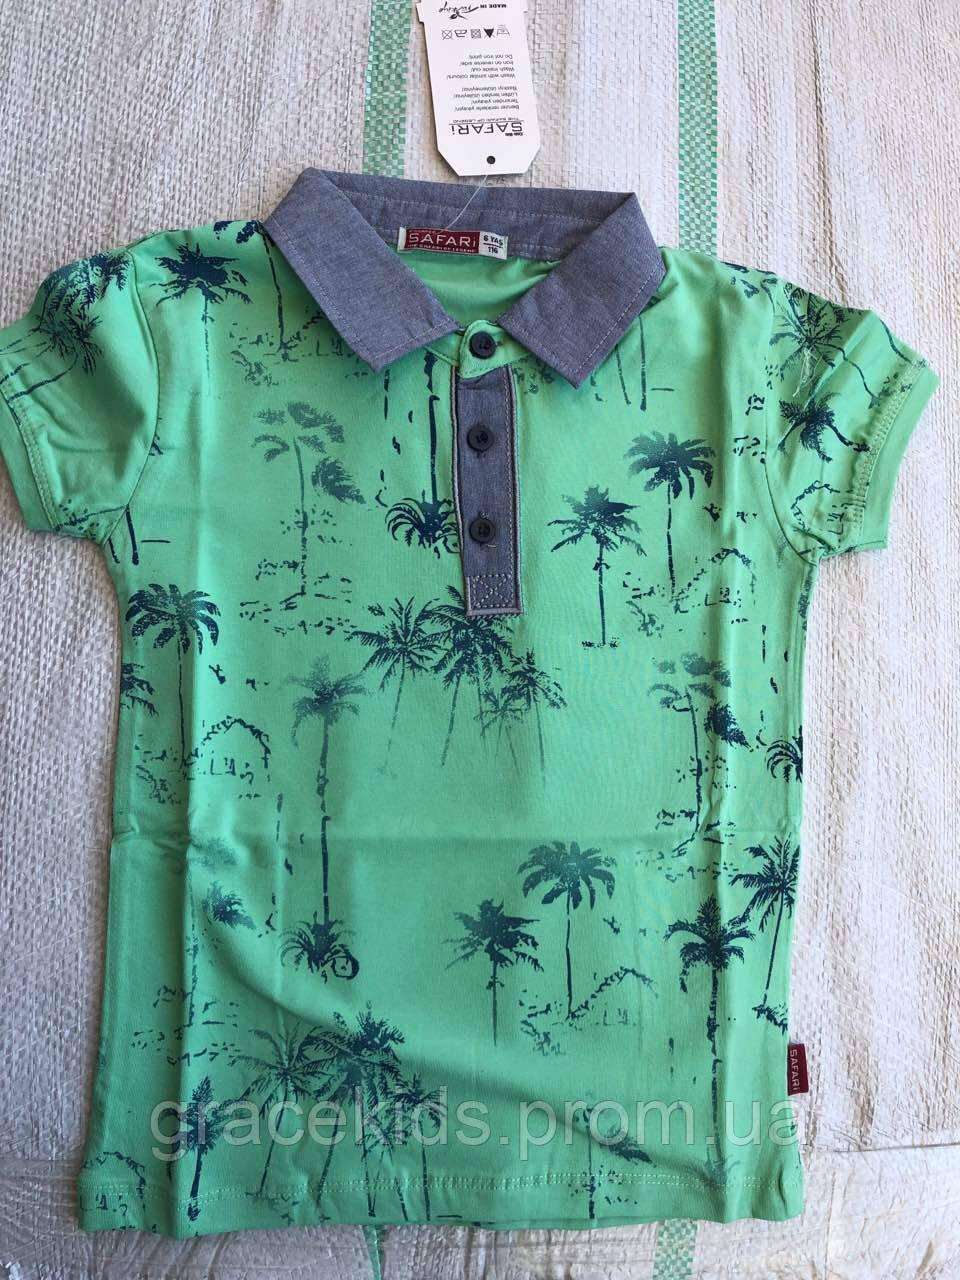 Детские футболки поло для мальчиков SAFARI,разм 6-9лет,95% хлопок